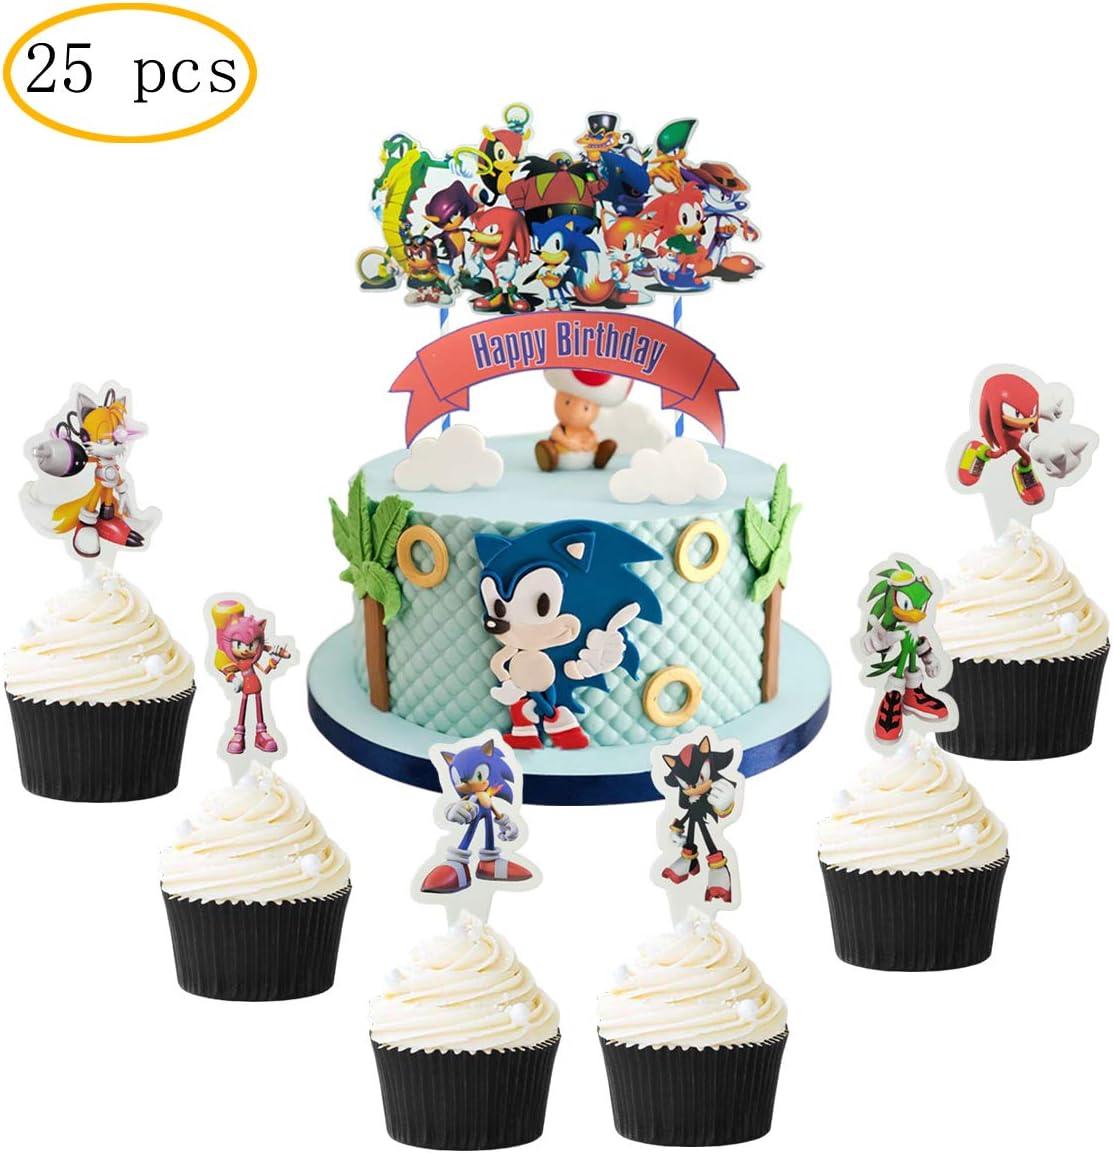 Amazon Com 25 Pcs Sonic The Hedgehog Cake Topper Hedgehog Theme